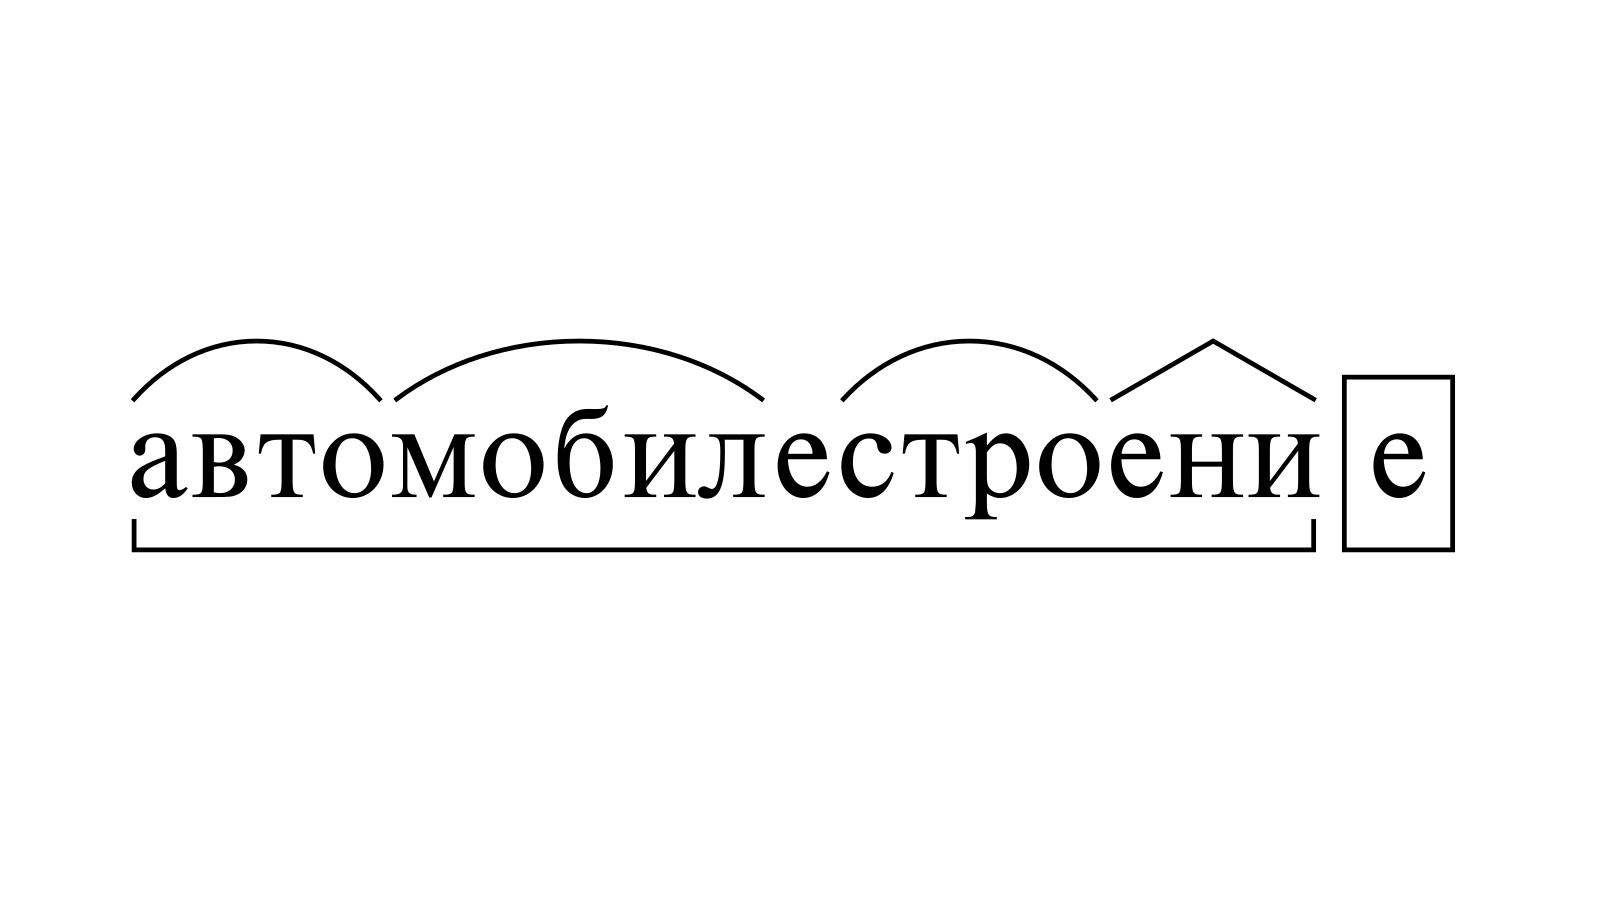 Разбор слова «автомобилестроение» по составу